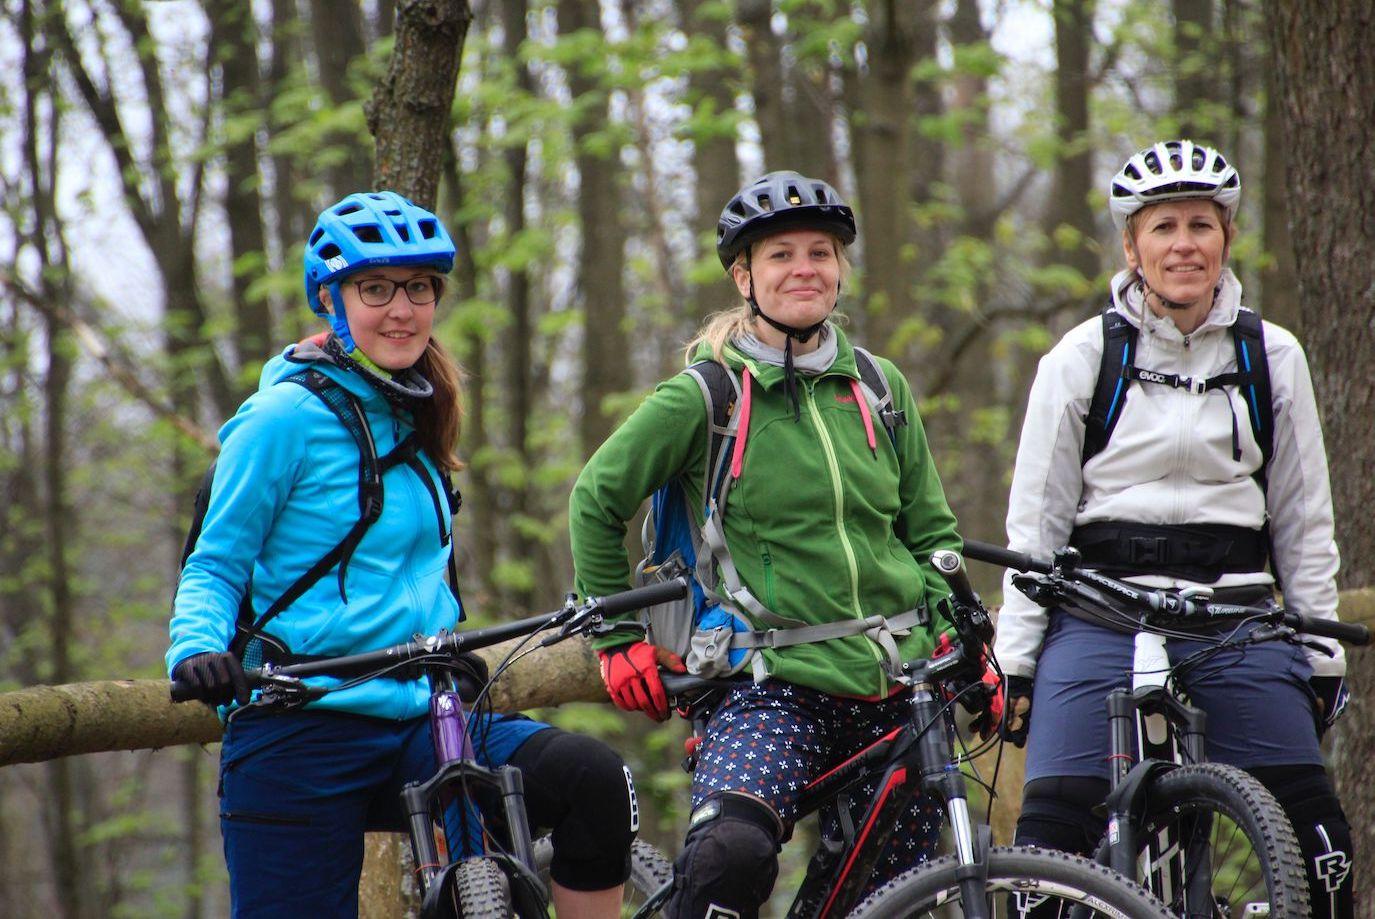 MTB Fahrtechnik Kurs Fortgeschrittene in Solingen - Mountainbike Fortgeschritten - Rock my Trail Bikeschule